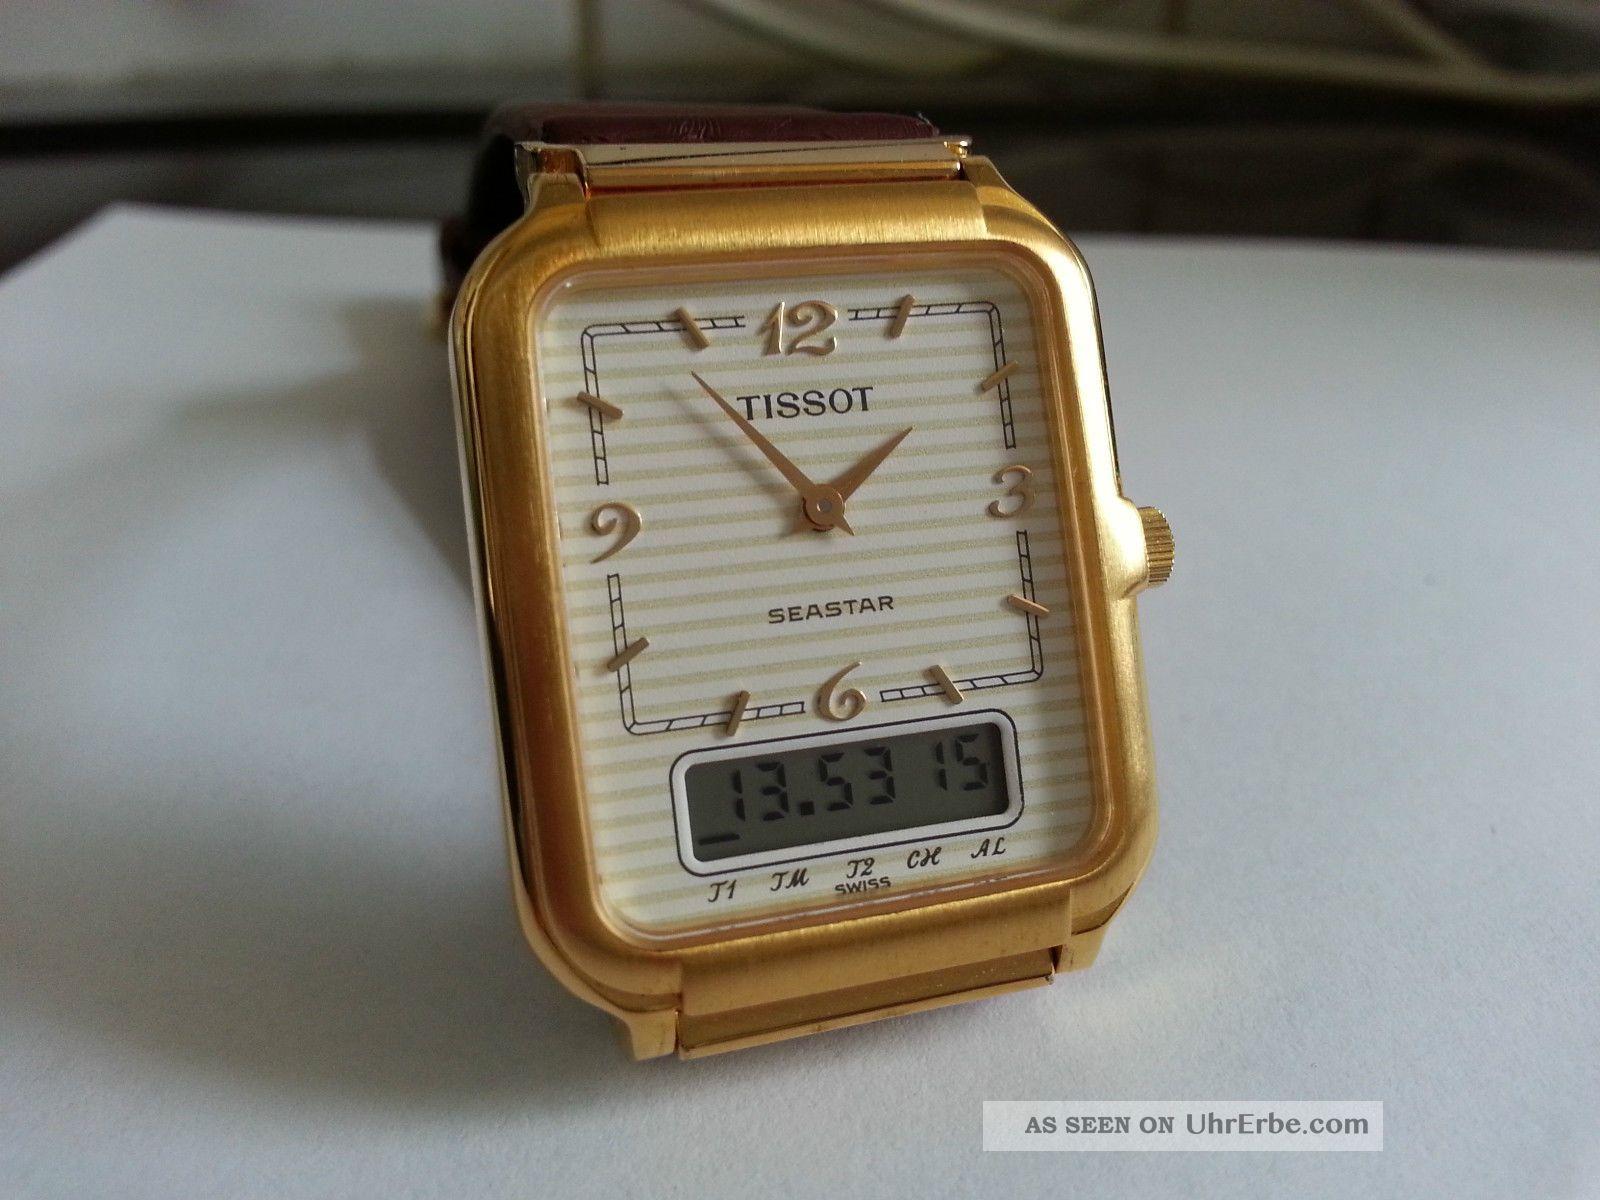 Tissot Seastar Two Timer Chronograph Alarm Neuwertig Aus Sammlung Armbanduhren Bild